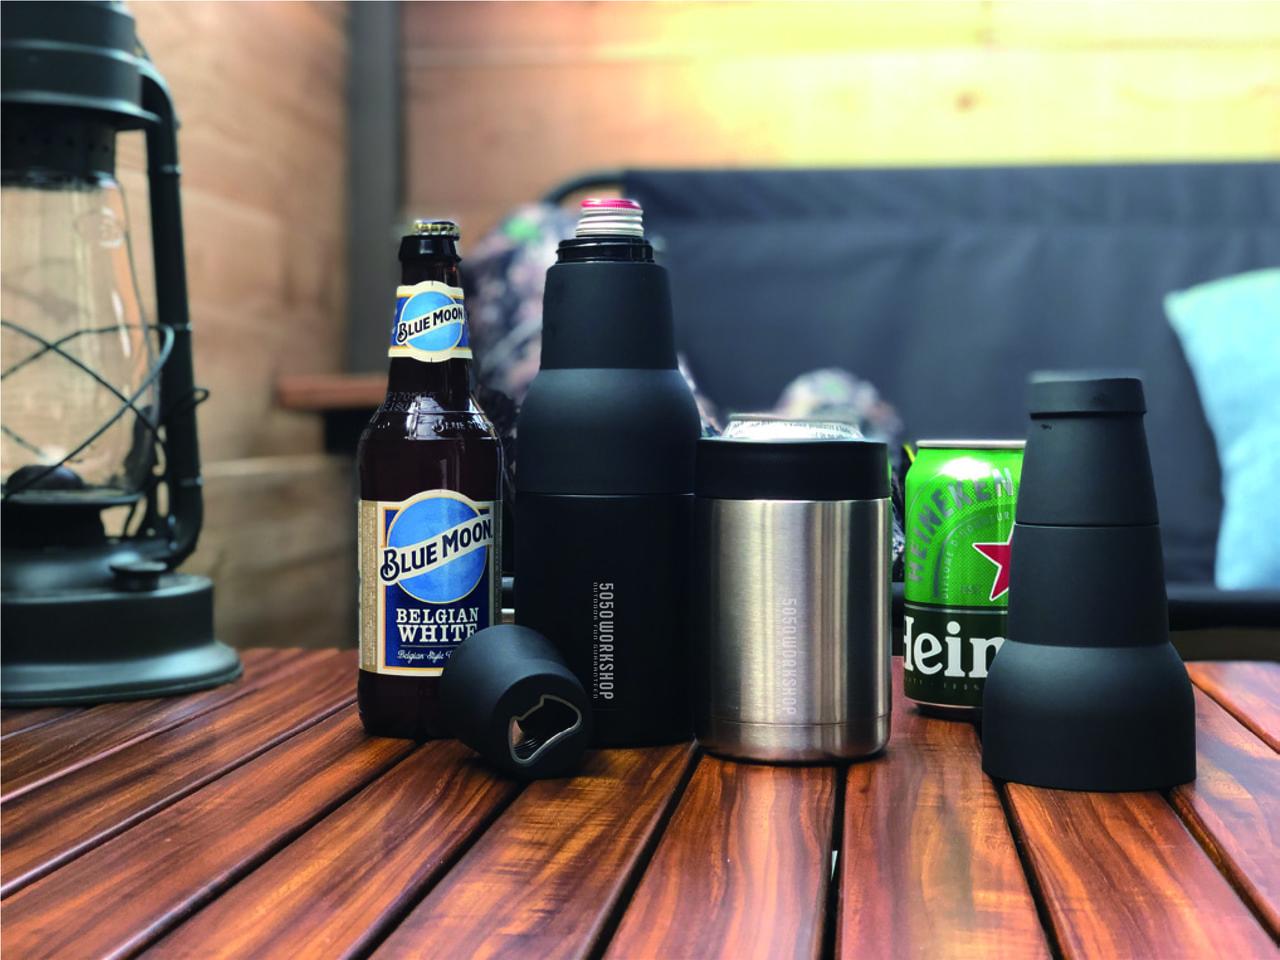 5050WORKSHOPから発売されたビンでも缶でも対応可能な保冷カバーで飲み物が美味い!